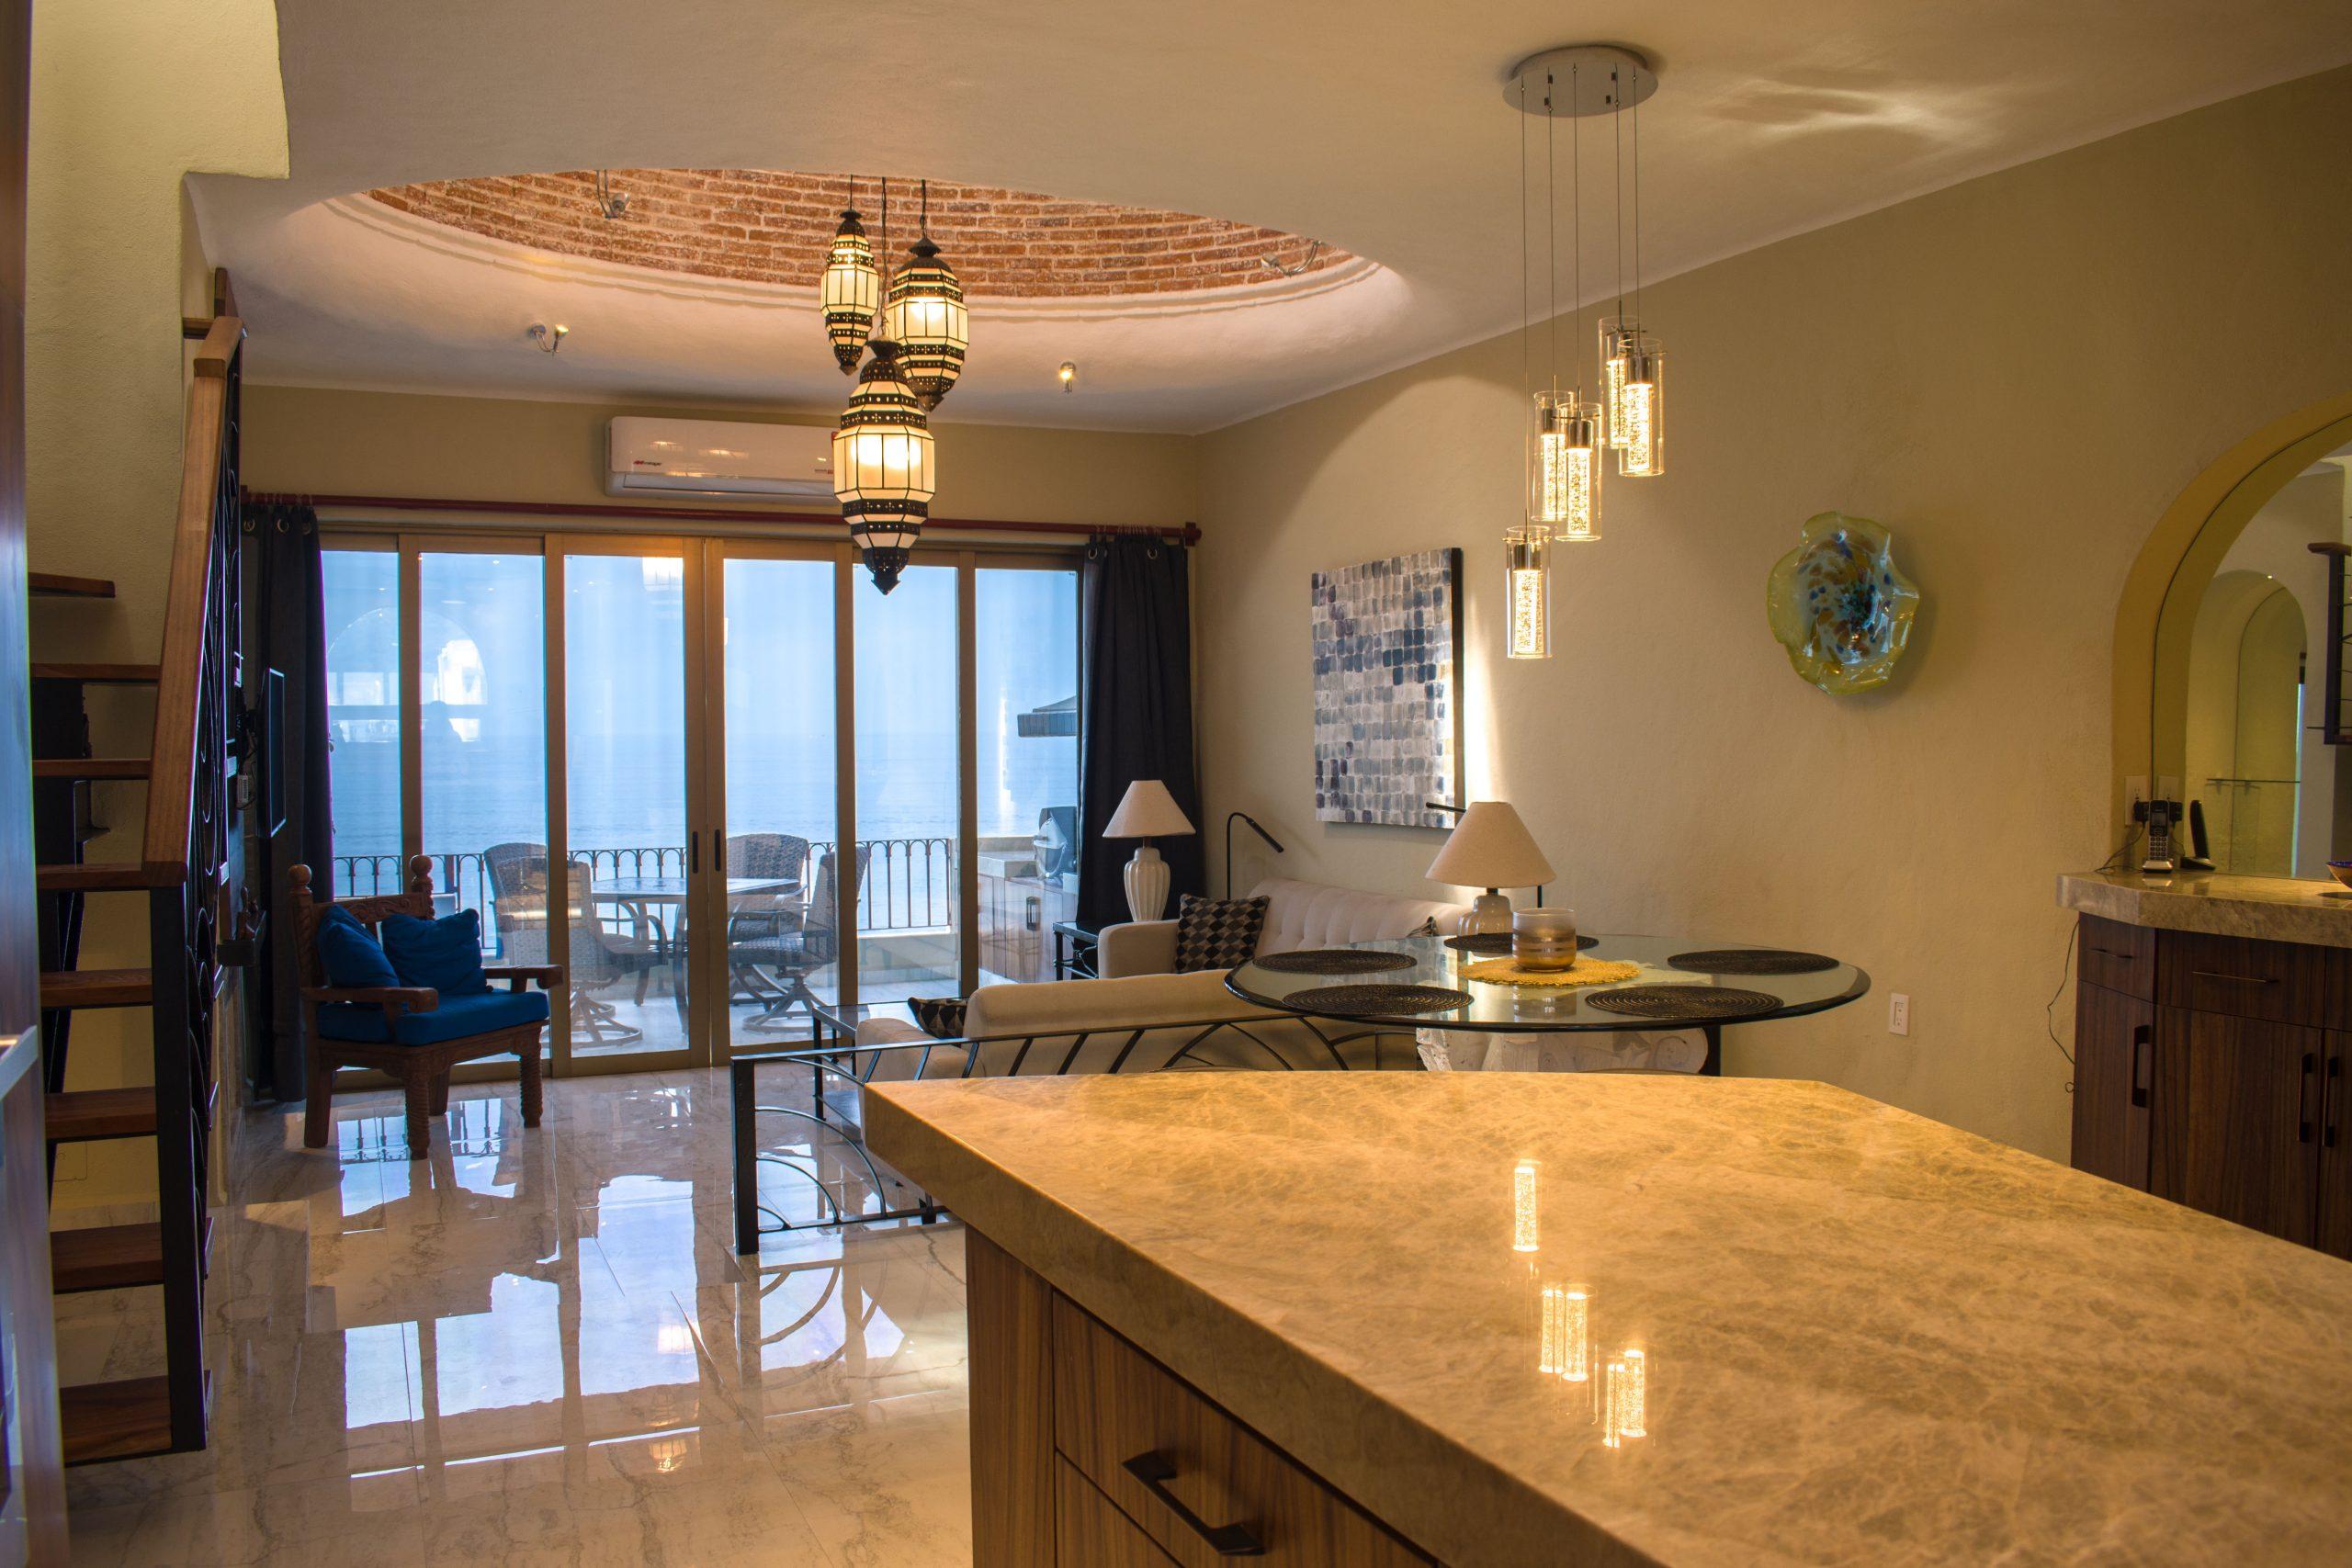 lamarquitectura-diseño-interiores